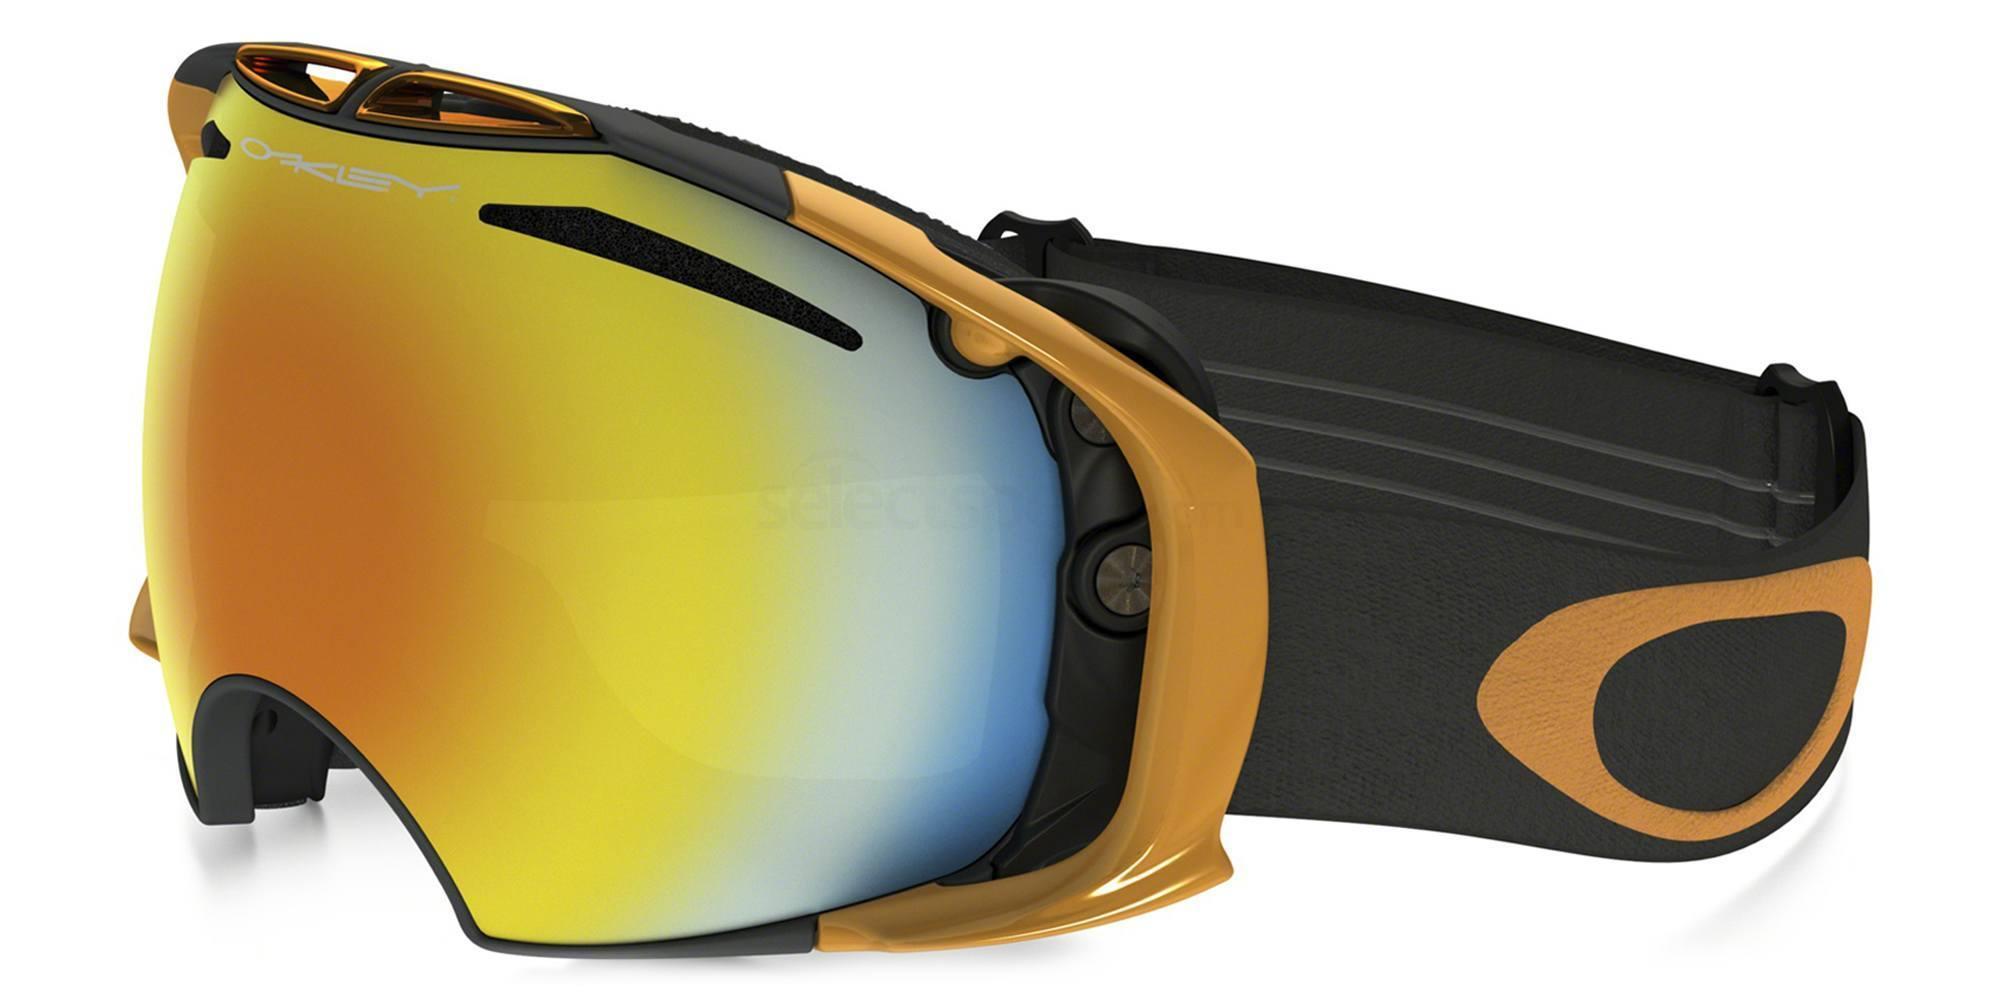 Oakley OO7037 AIRBRAKE ski goggles